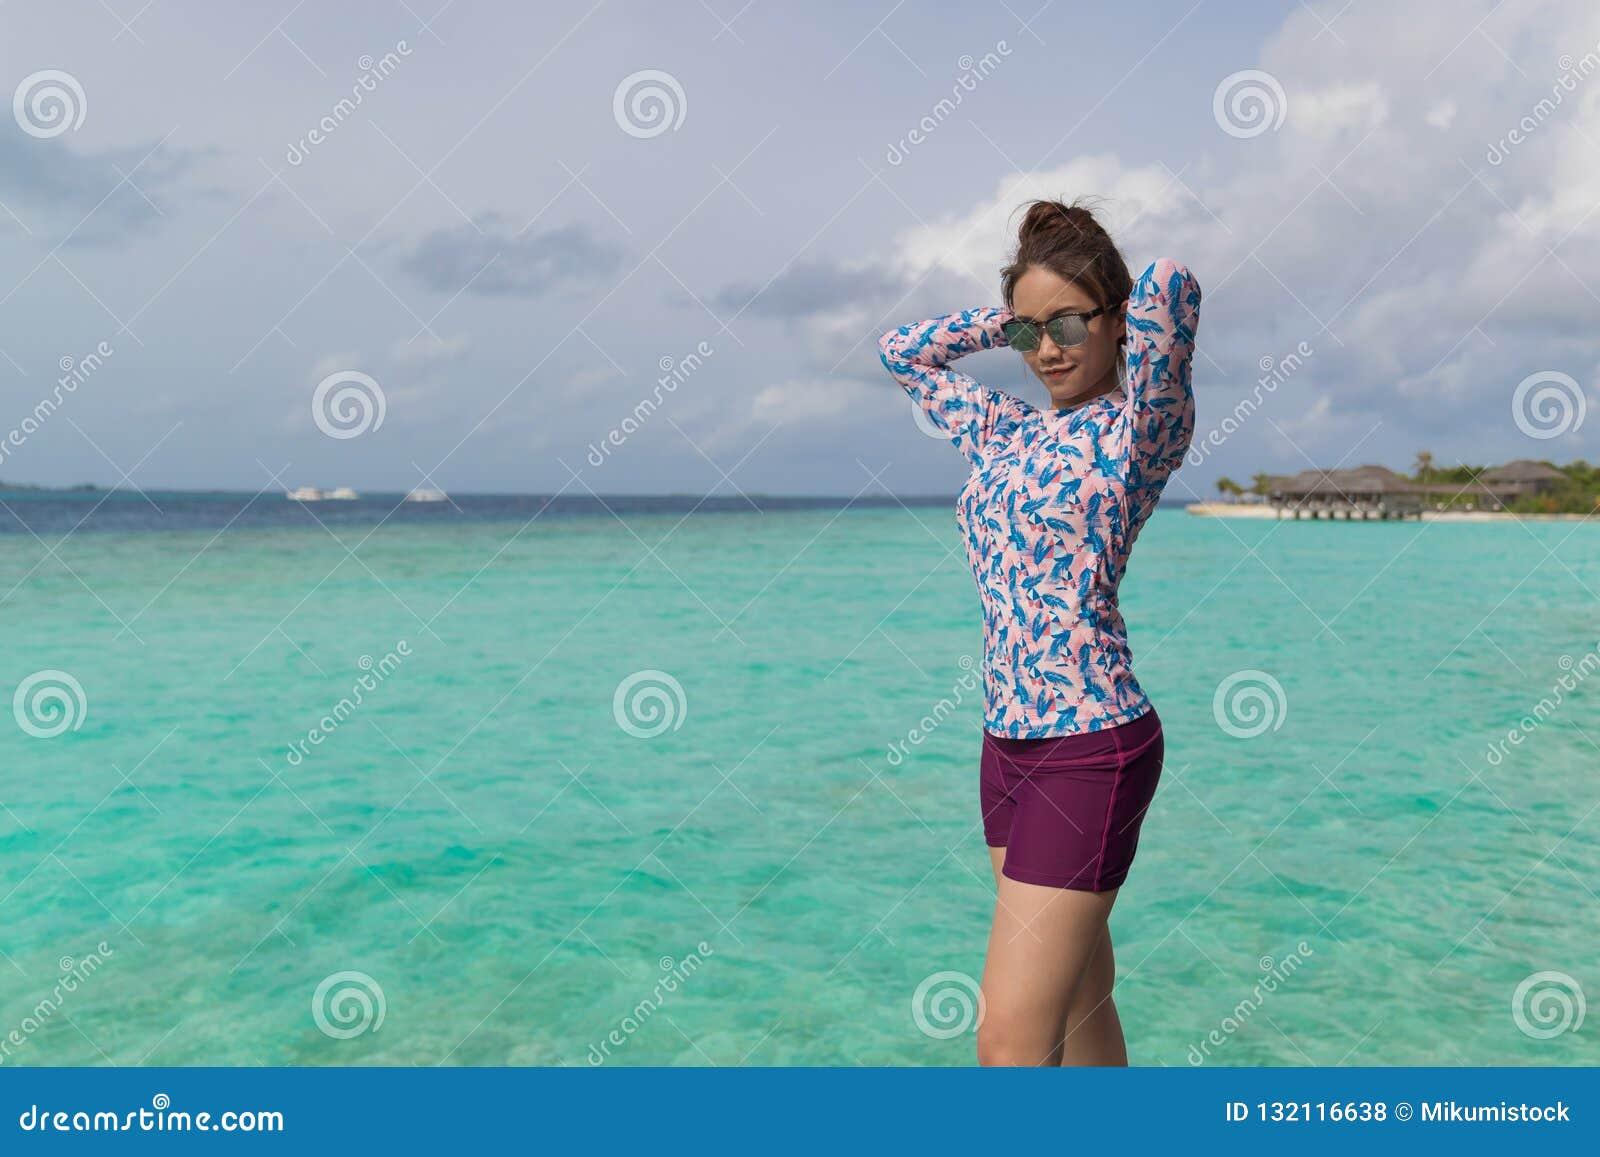 Asian beautiful woman enjoyful traveling sea background